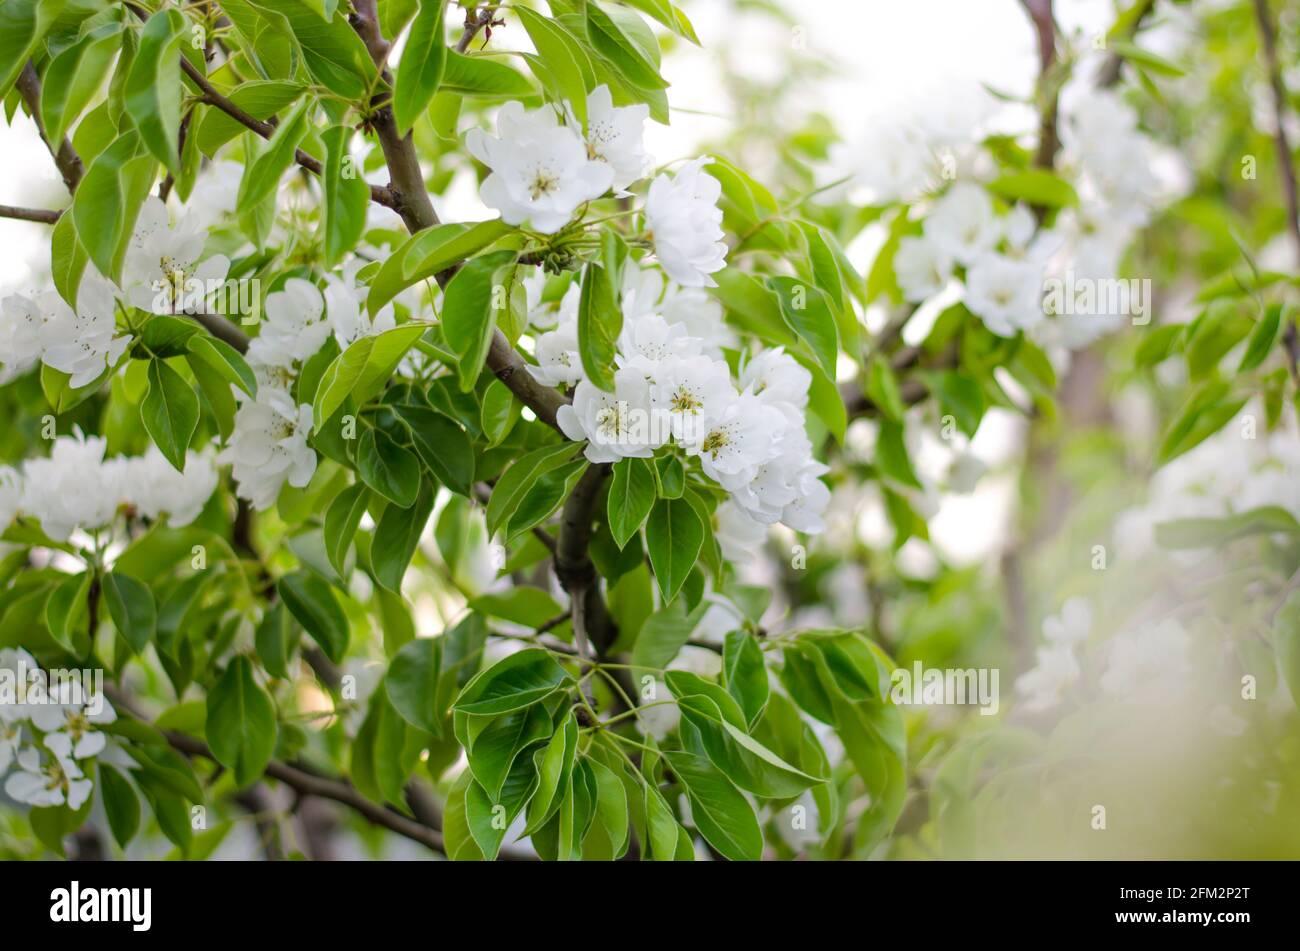 Flores de pera en flor. Jardín de primavera en flor. Flores. Preciosas vistas. Agricultura y agroindustria. Foto de stock